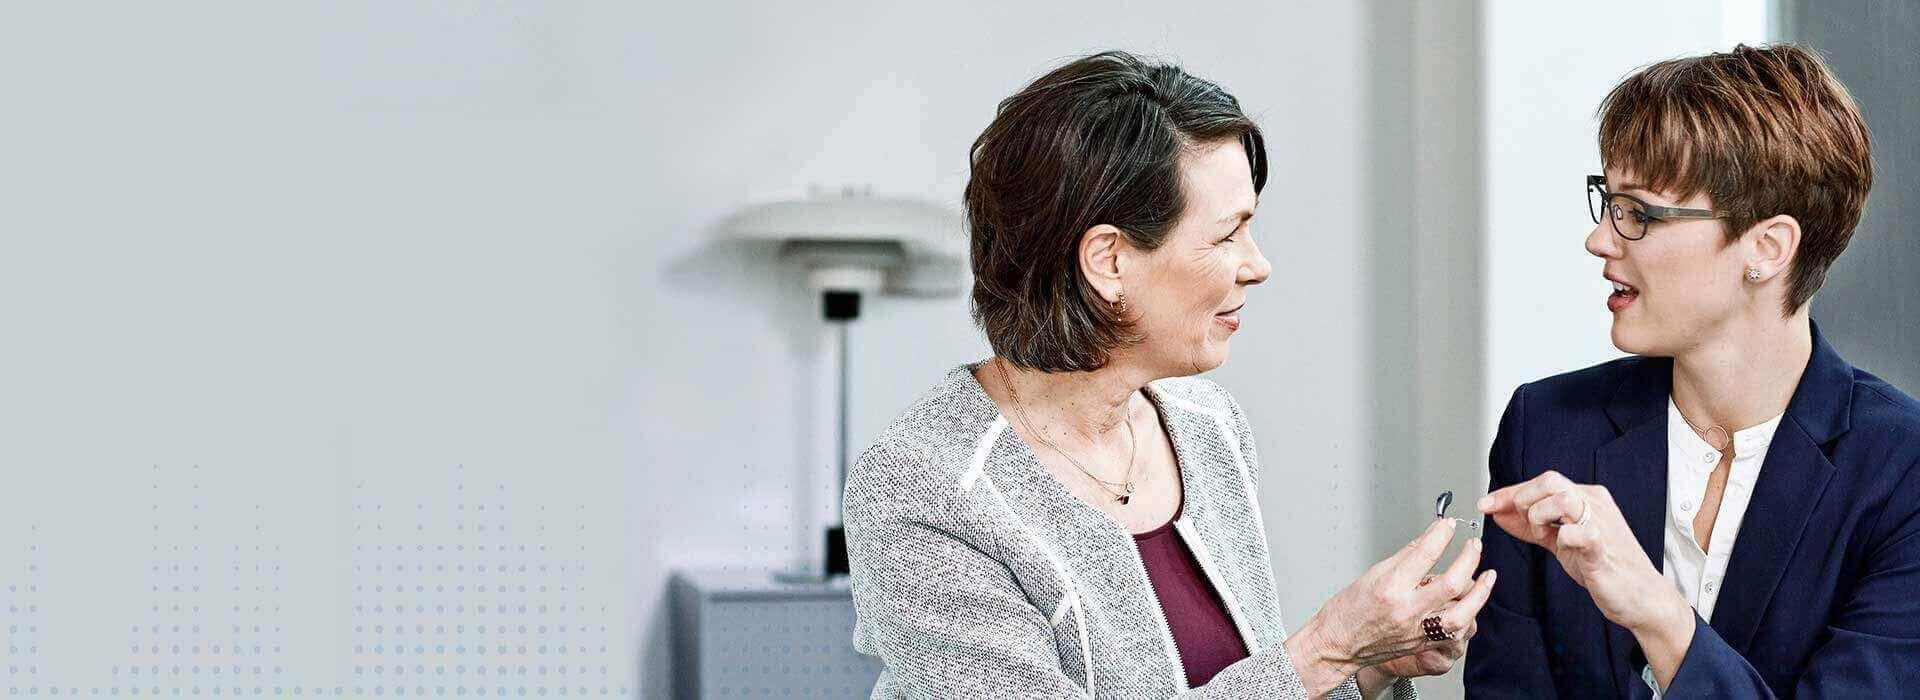 Due donne che guardano un apparecchio acustico